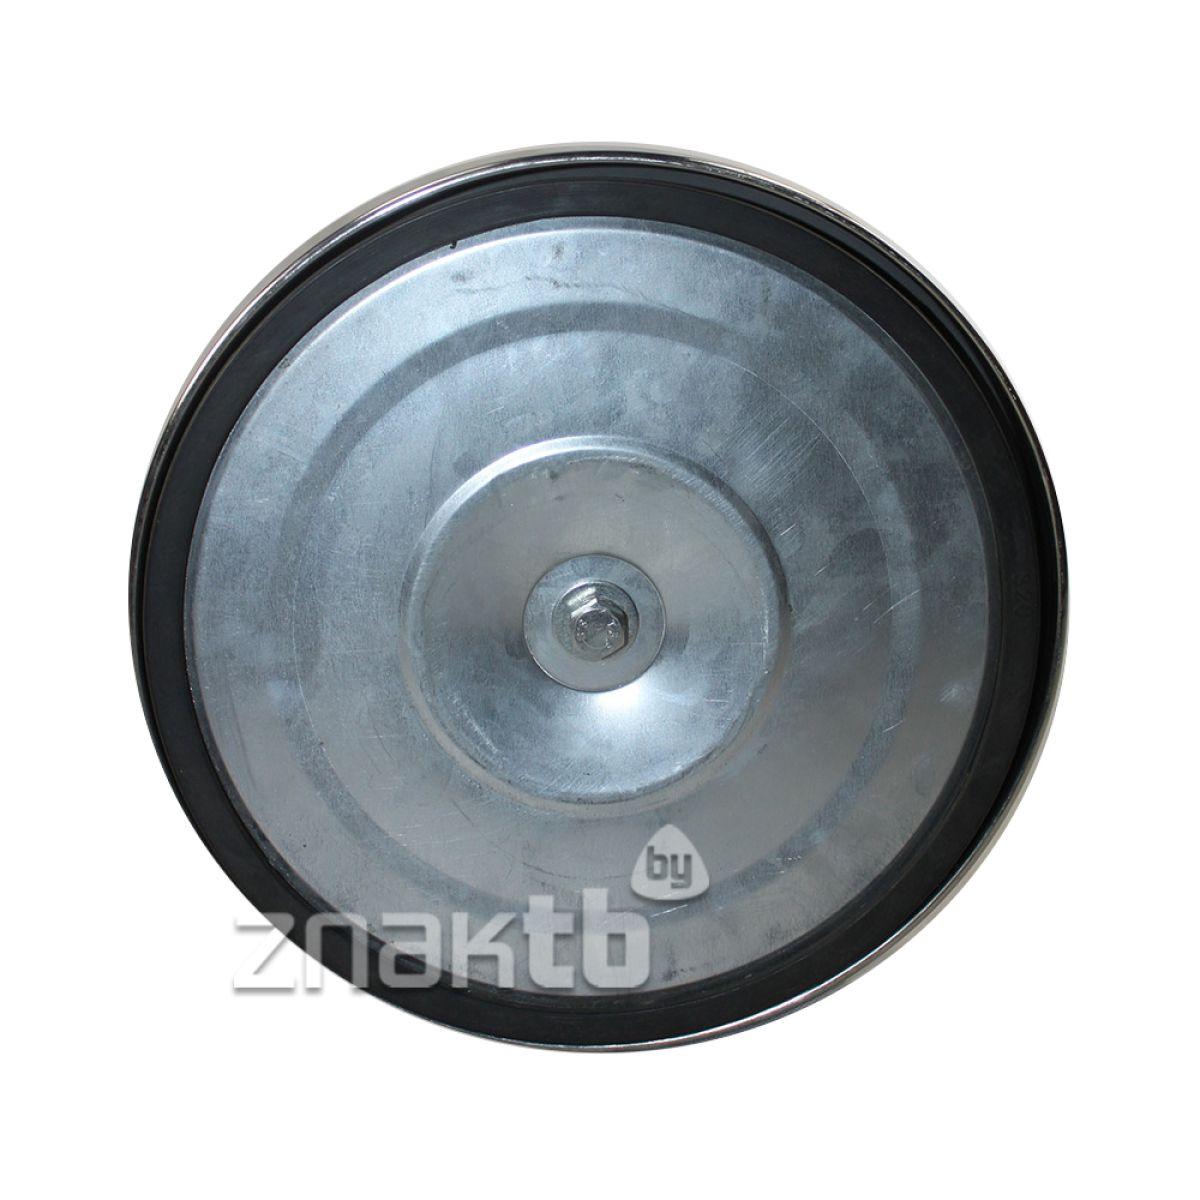 993112 Стойка ограждения серебристая зеркальная основание полуконус черная лента